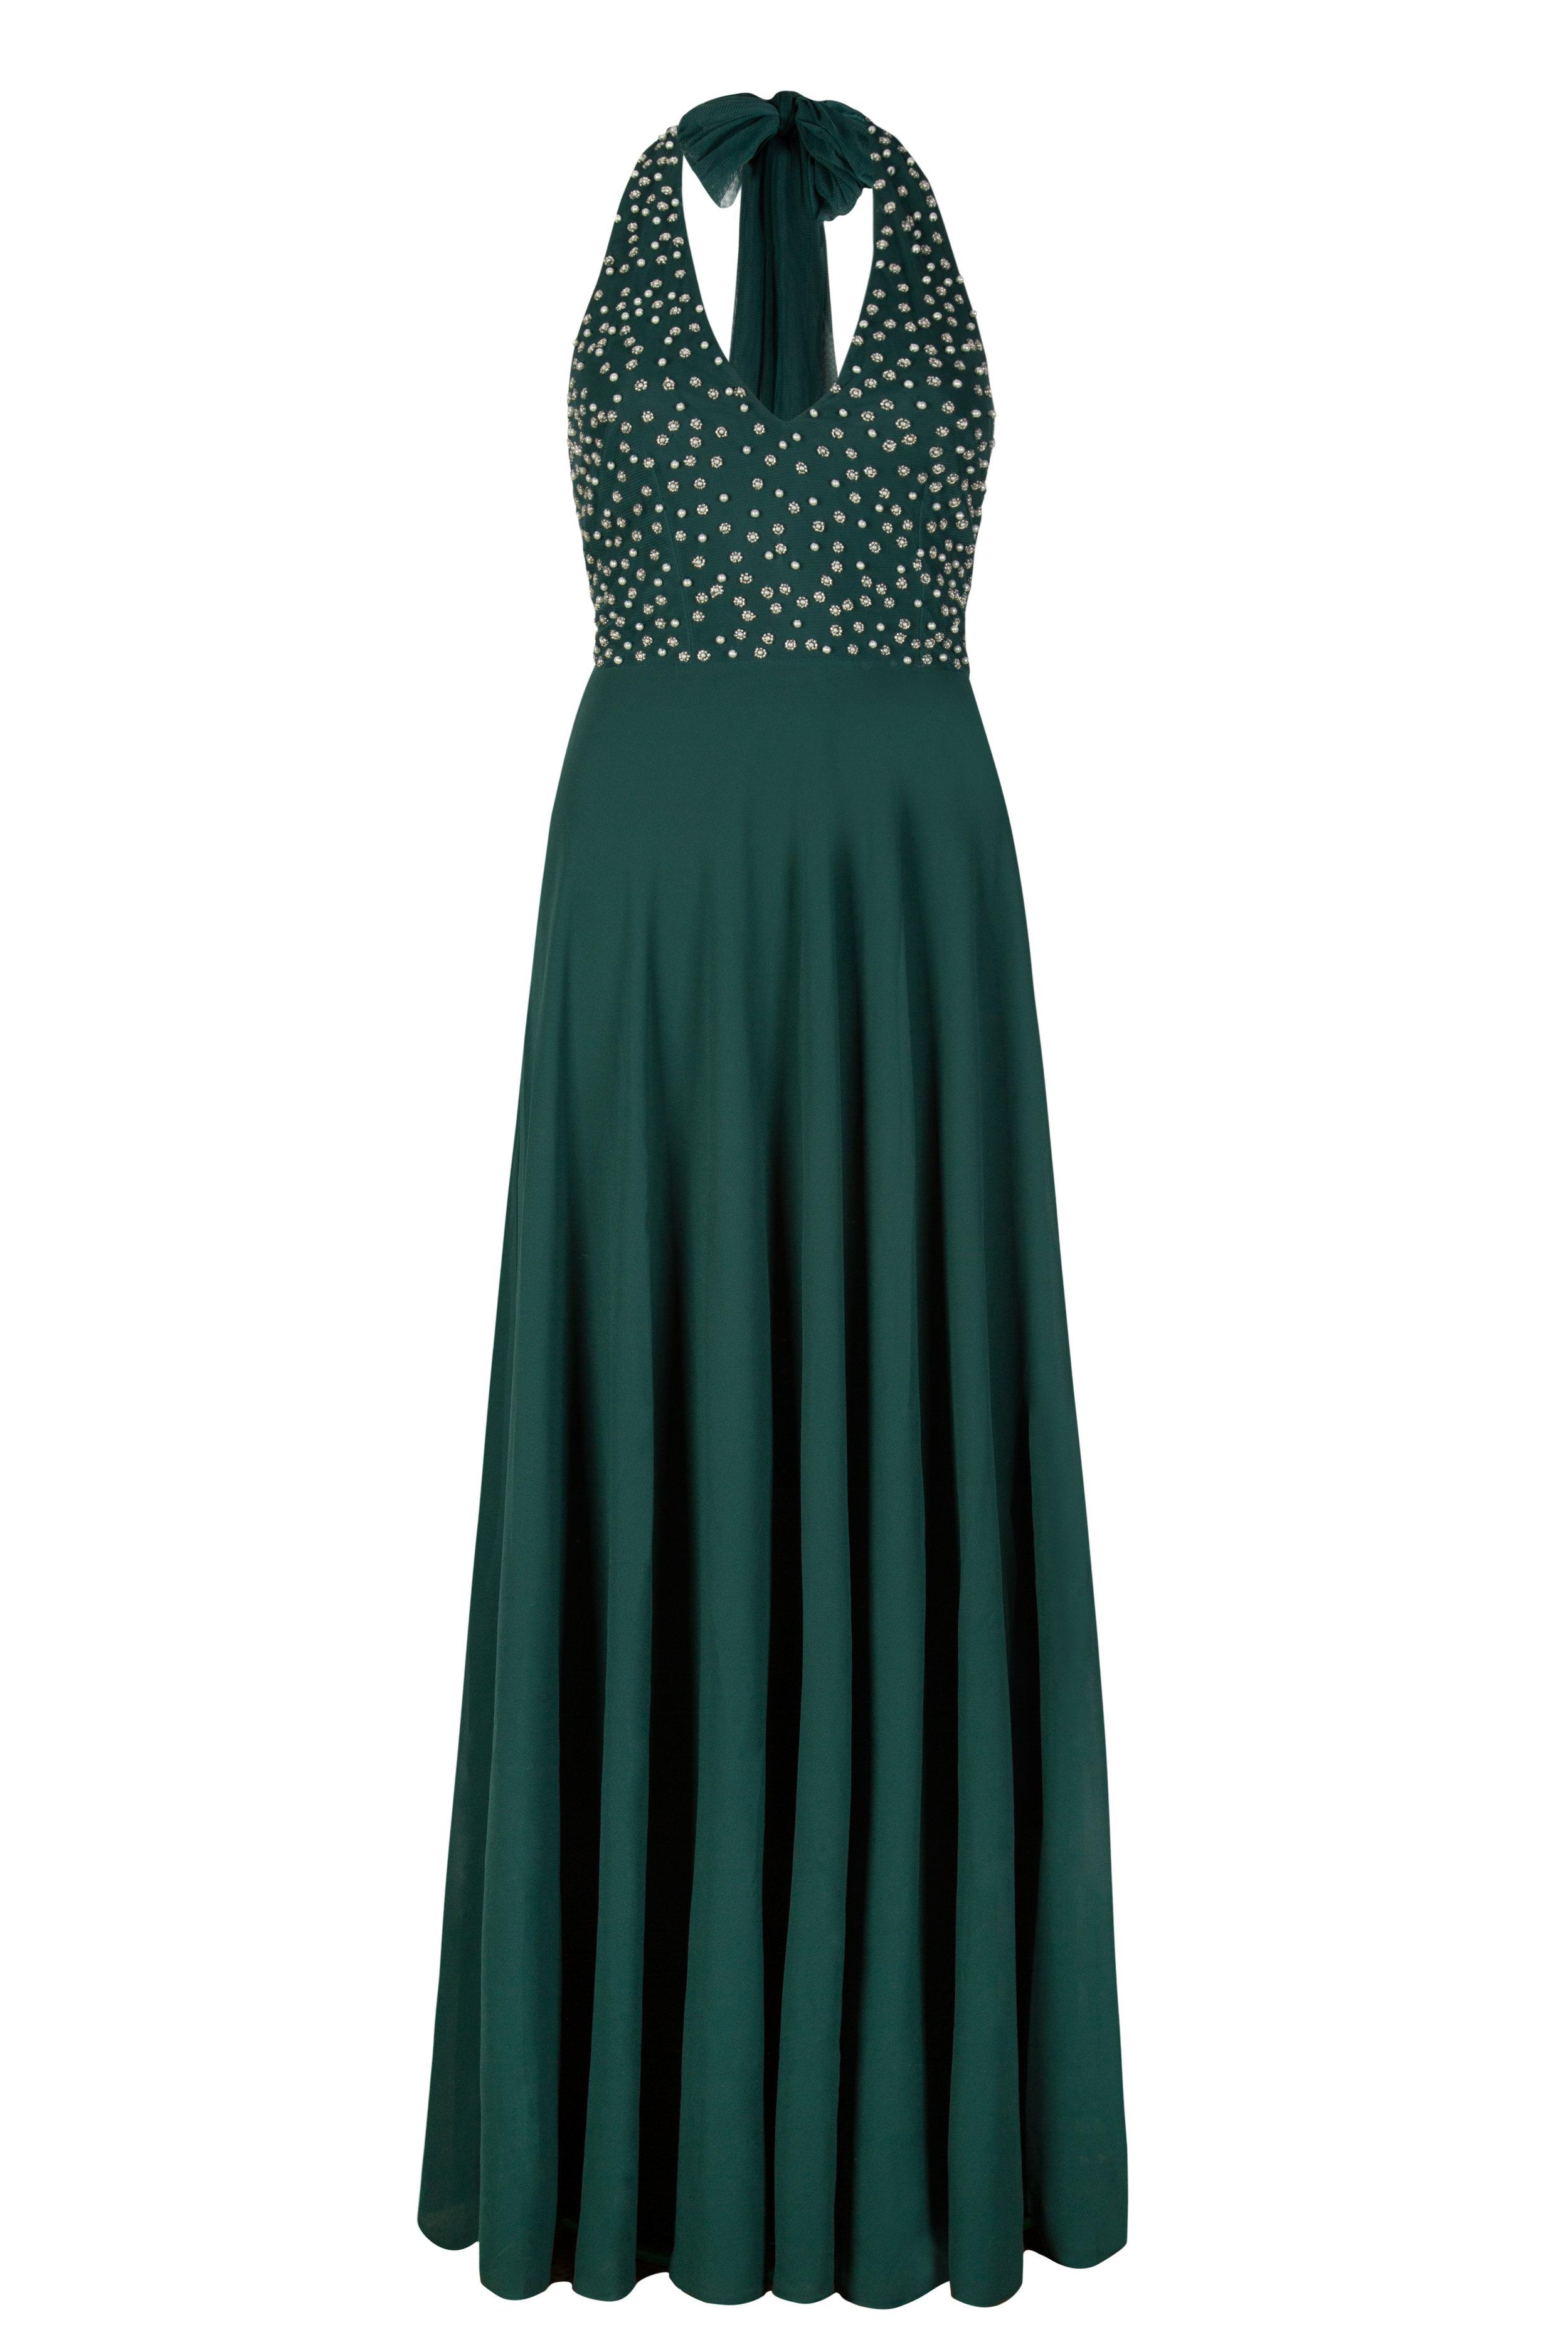 Dress1_1.jpg